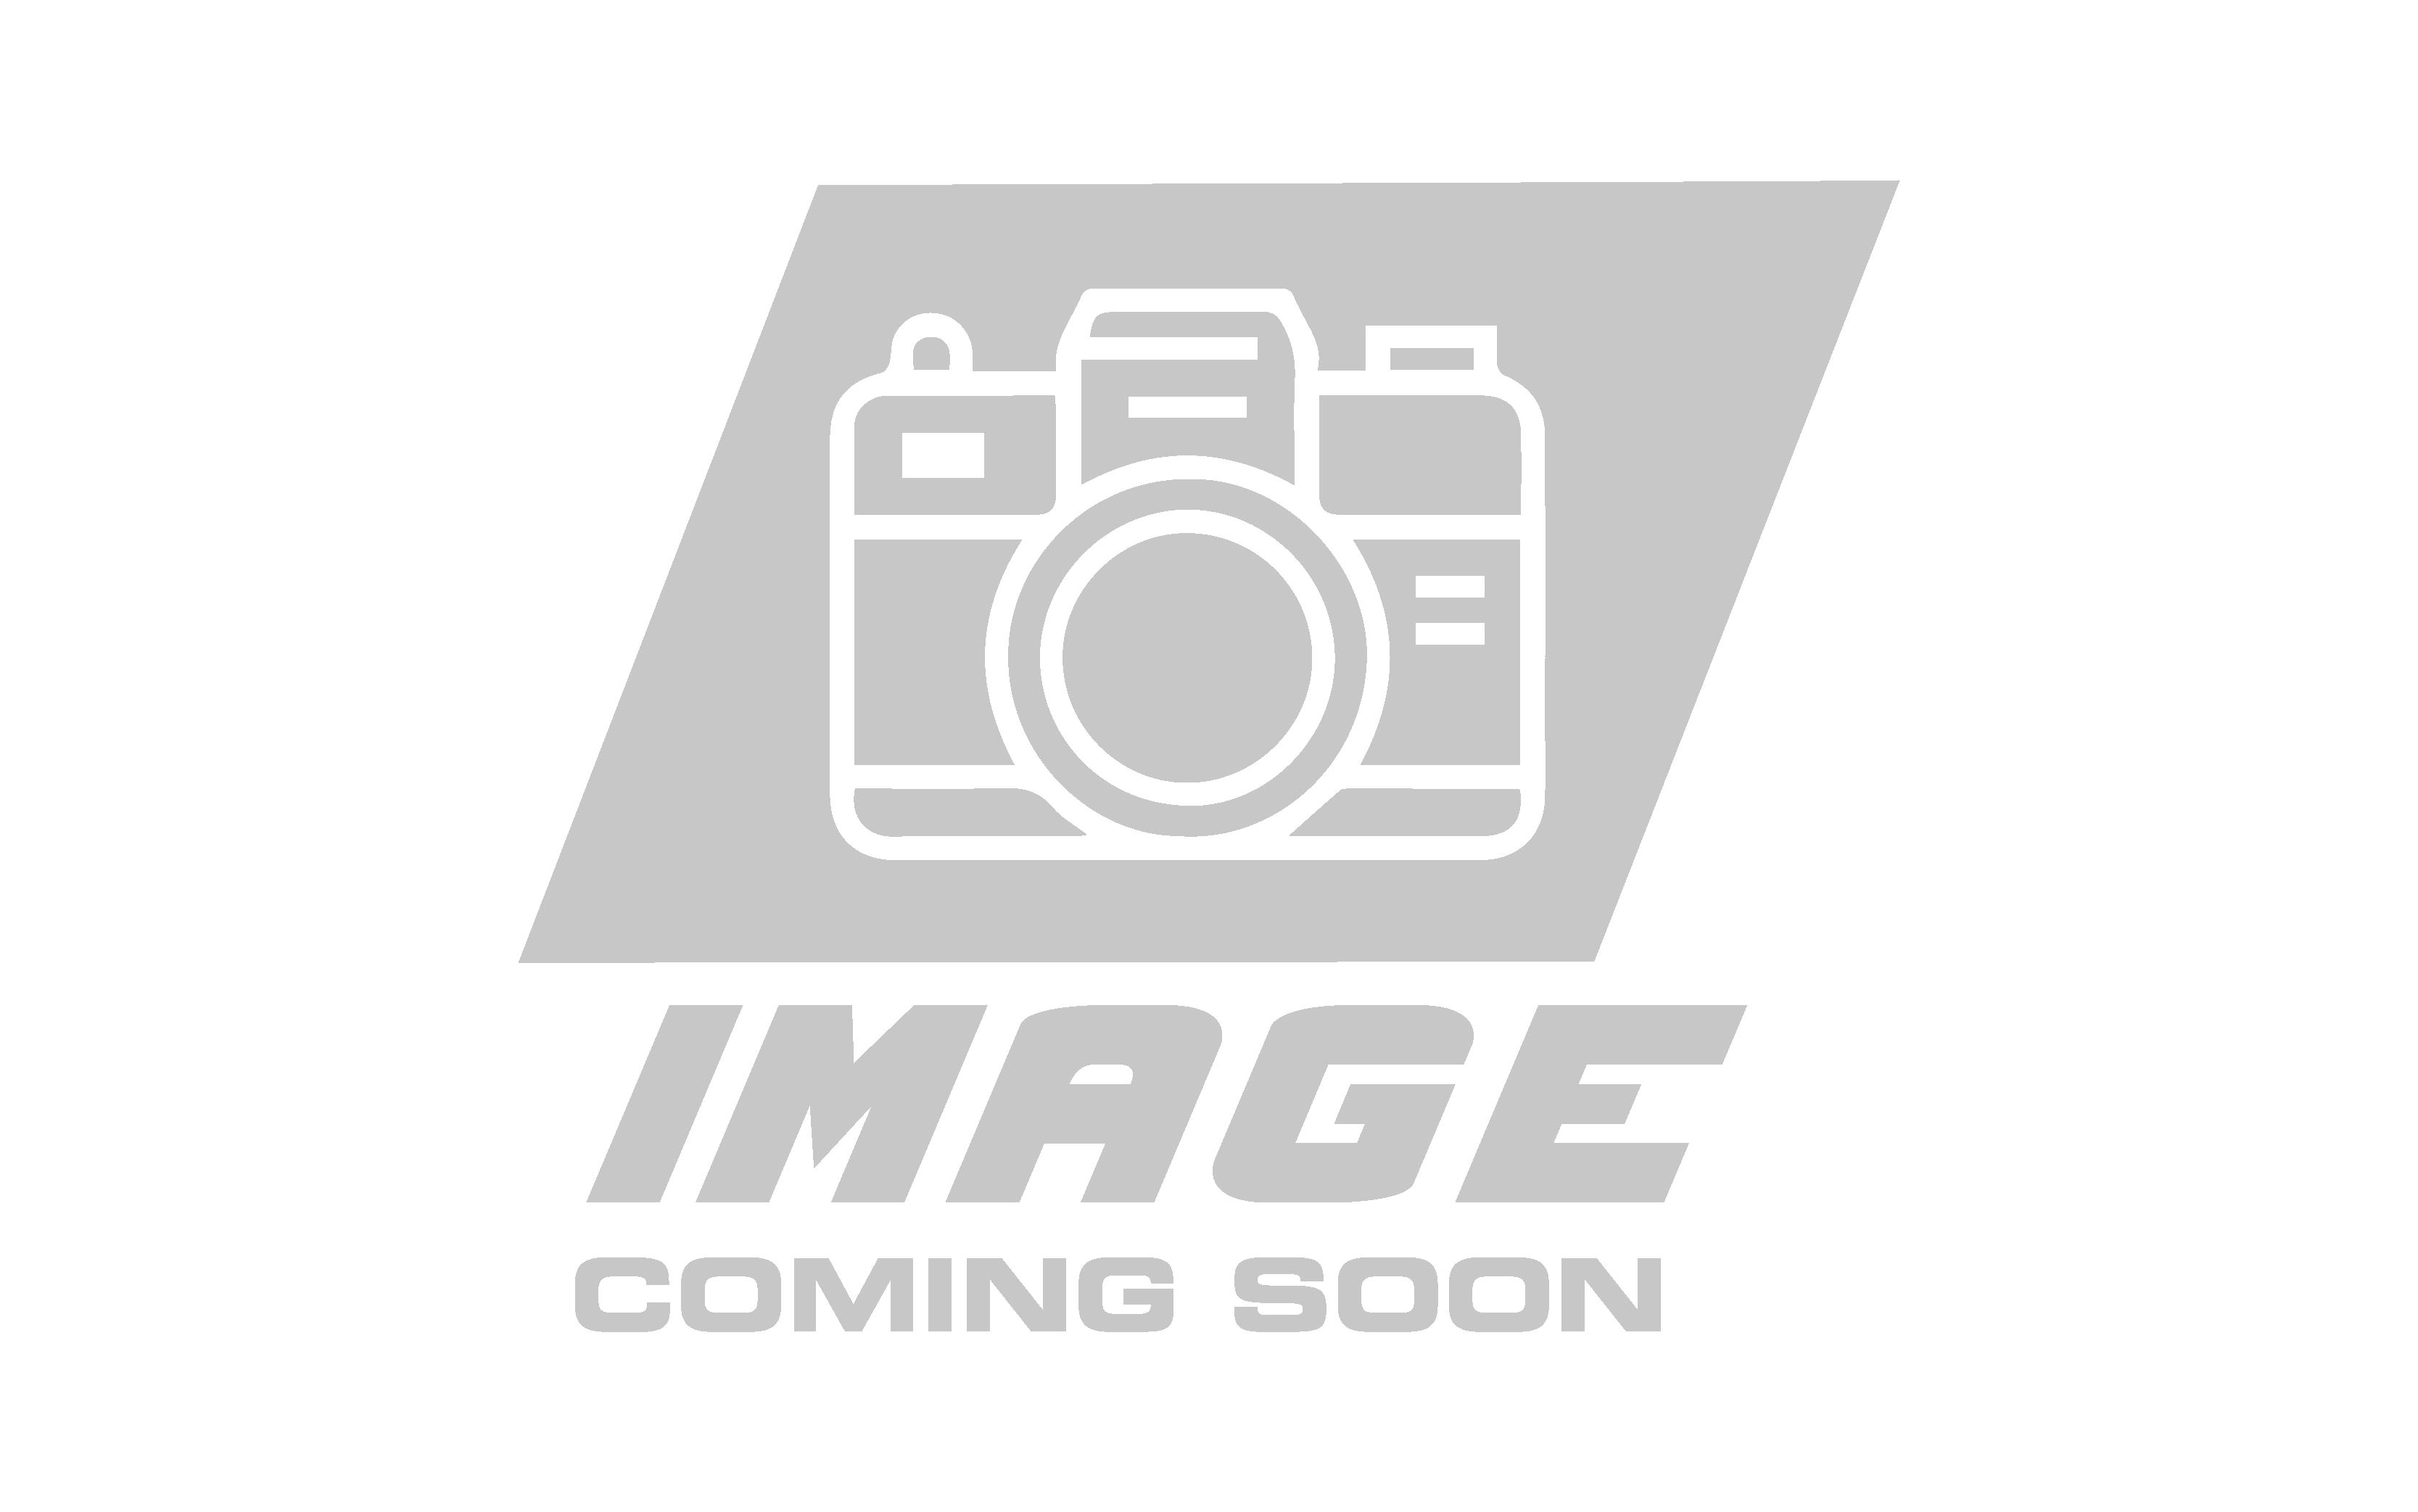 dodge_ram_2500_3500_air_lift_loadlifter_5000_ultimate_rear_kit_88297